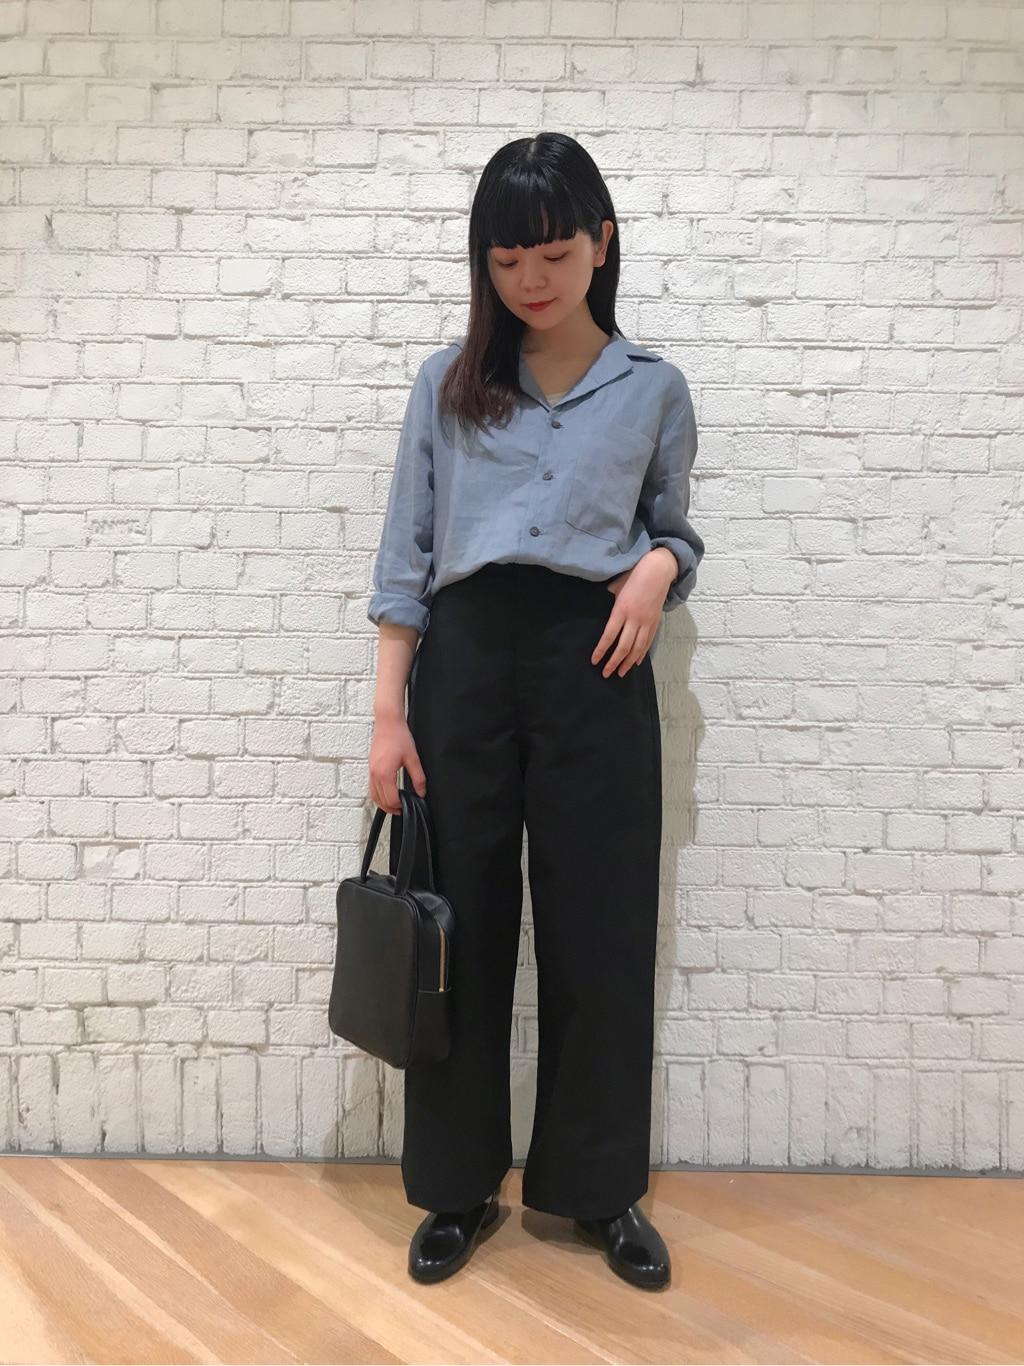 l'atelier du savon 東京スカイツリータウン・ソラマチ 身長:154cm 2020.06.07